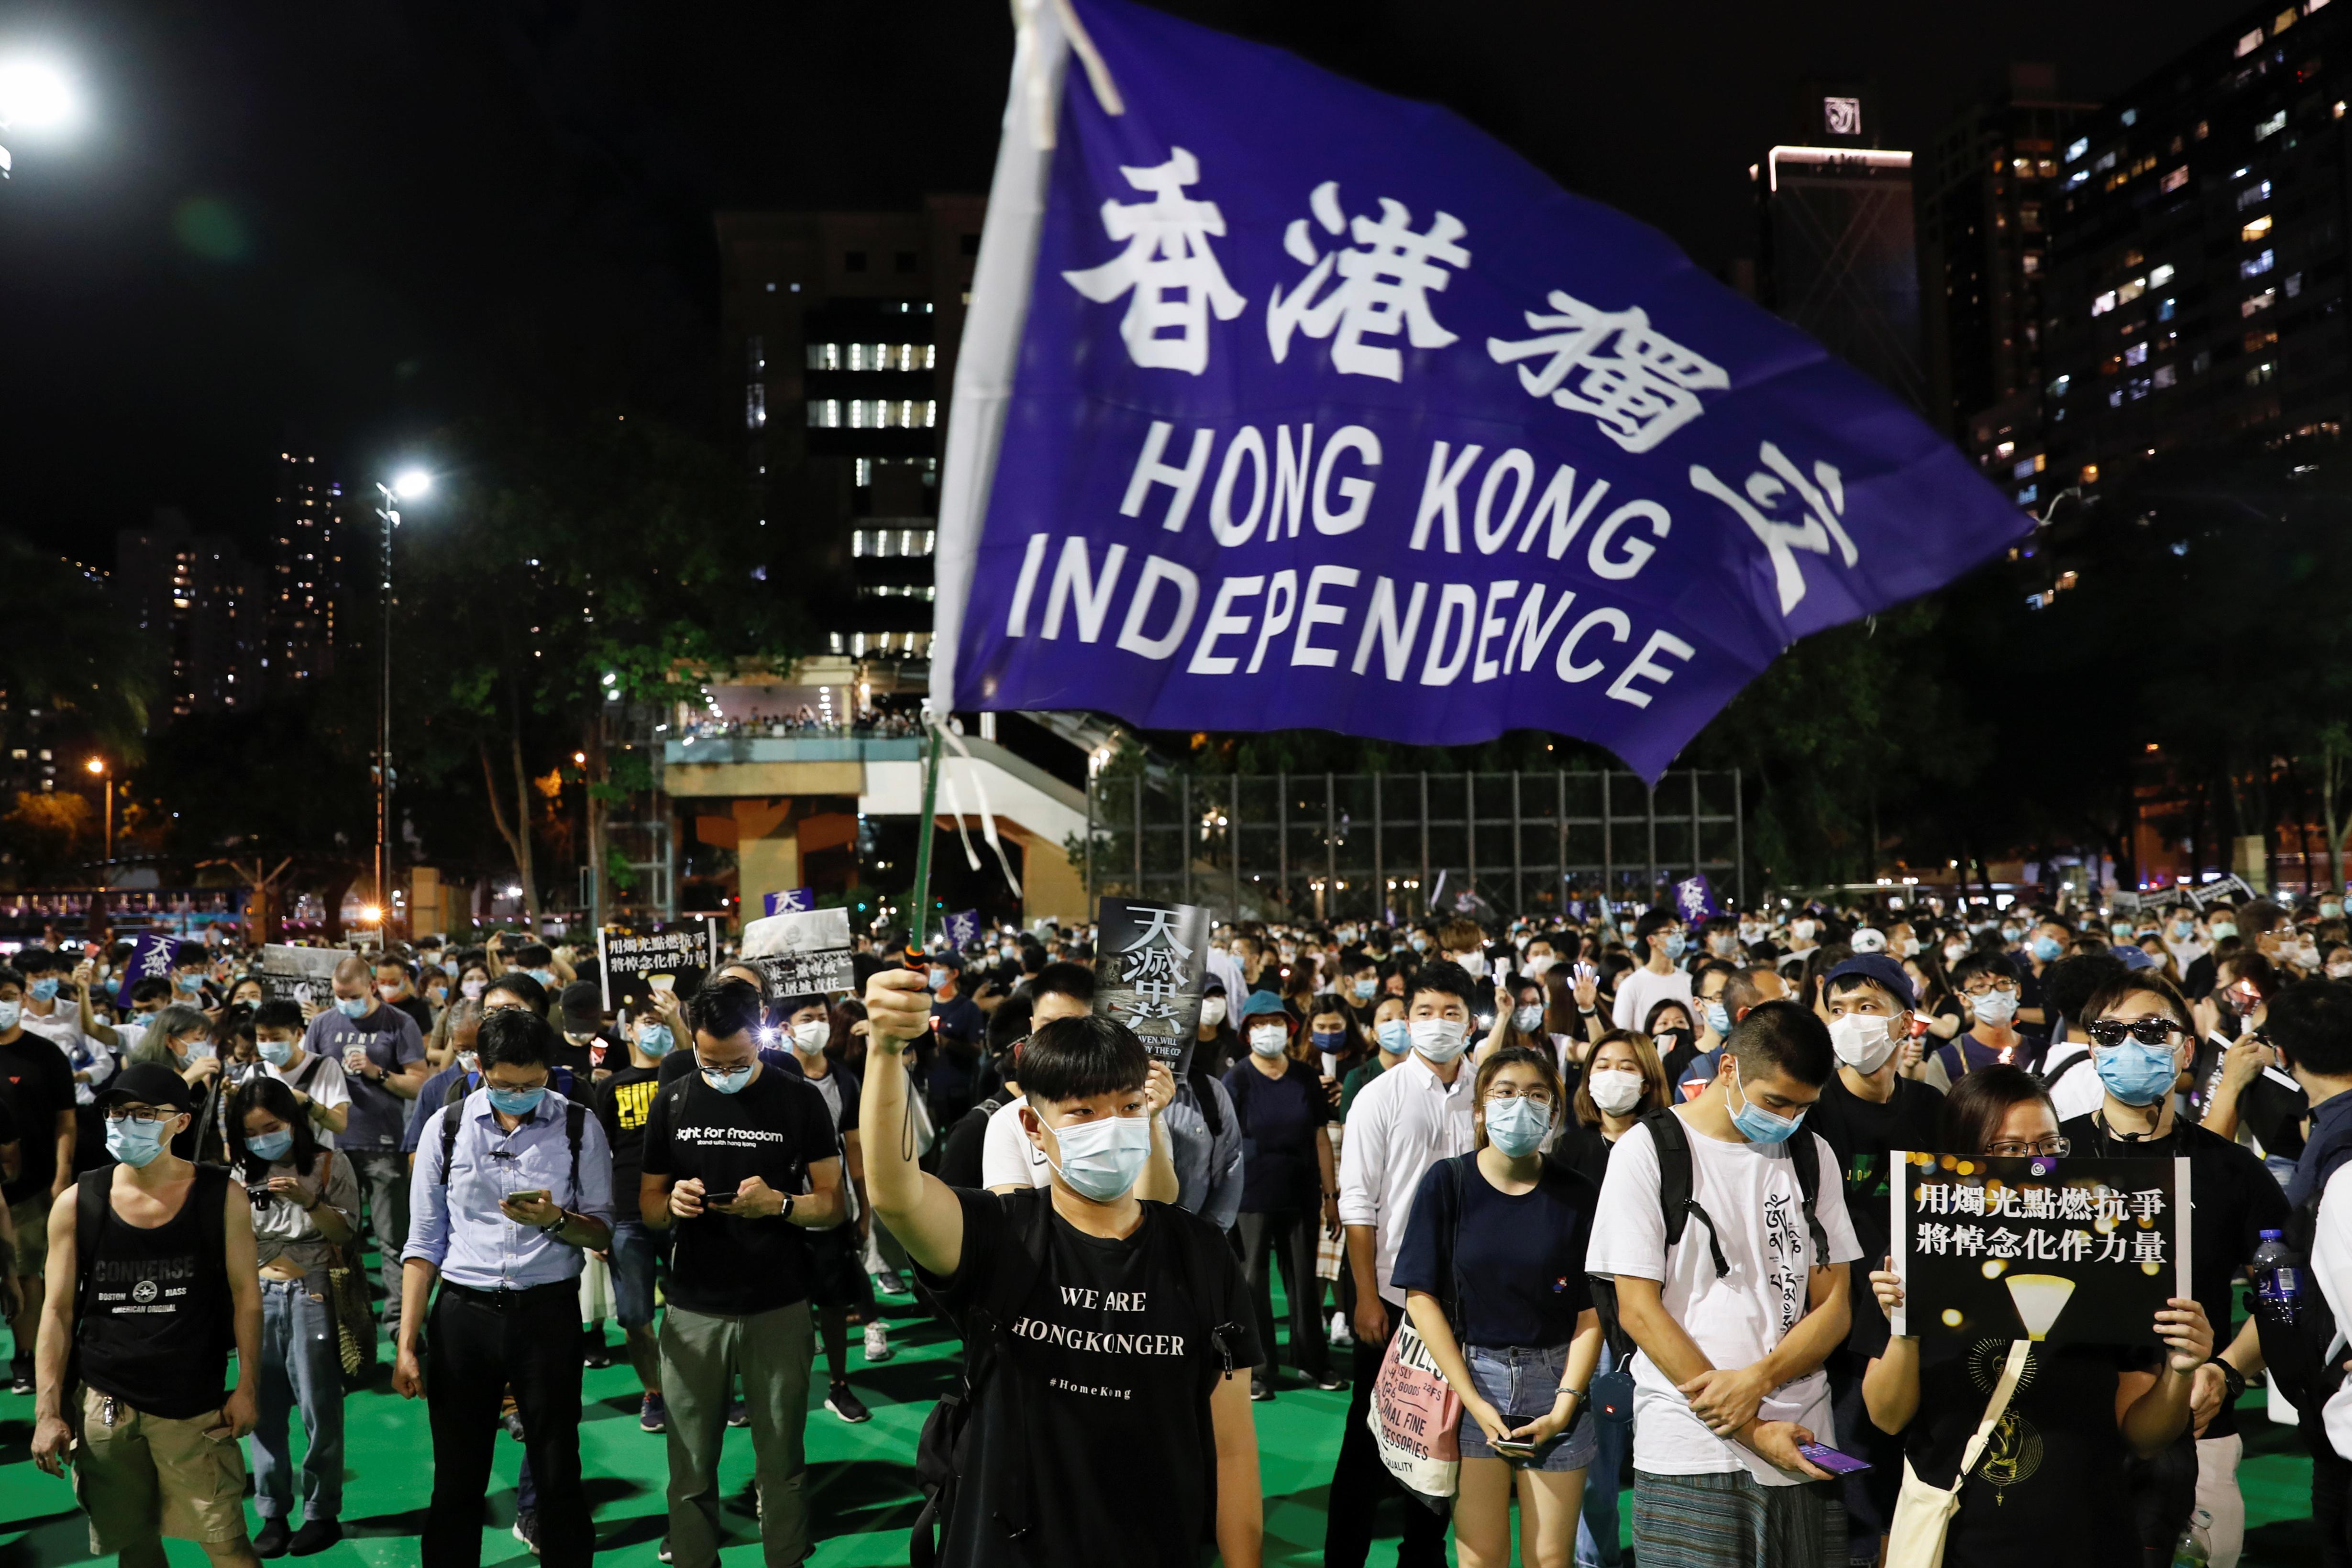 Poco después, los miembros de la Alianza de Hong Kong de Apoyo a los Movimientos Democráticos Patrióticos de China, que cada año organiza la vigilia, invitaron a guardar a las 20:09 hora local (12:09 GMT) un emocionante minuto de silencio en memoria de las víctimas (REUTERS/Tyrone Siu)